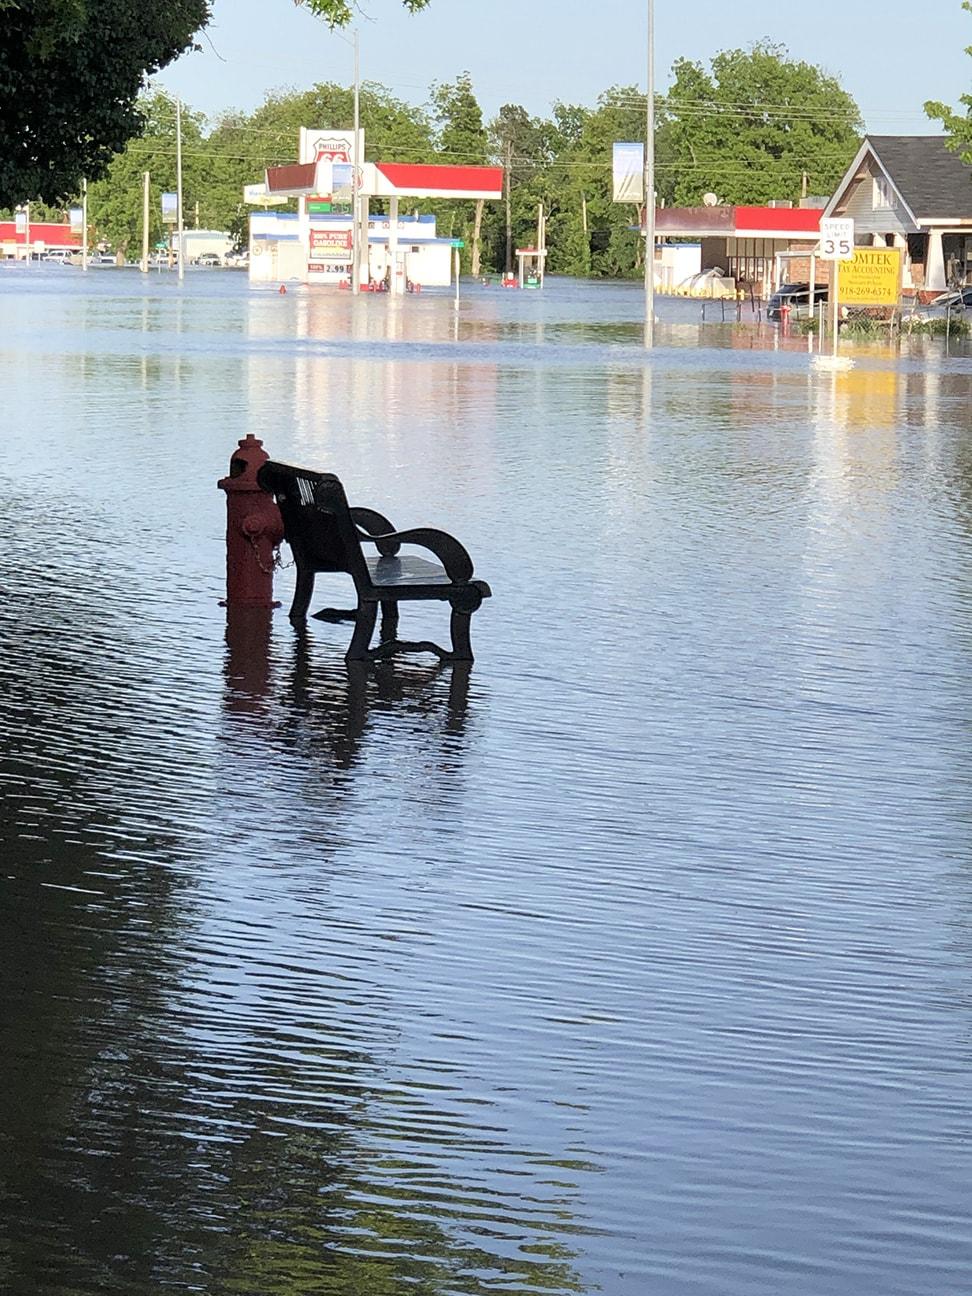 Inundação em Skiatook vista da beira das águas. Foto da Revda. Susan Whitley da Igreja Metodista Unida de Skiatook.